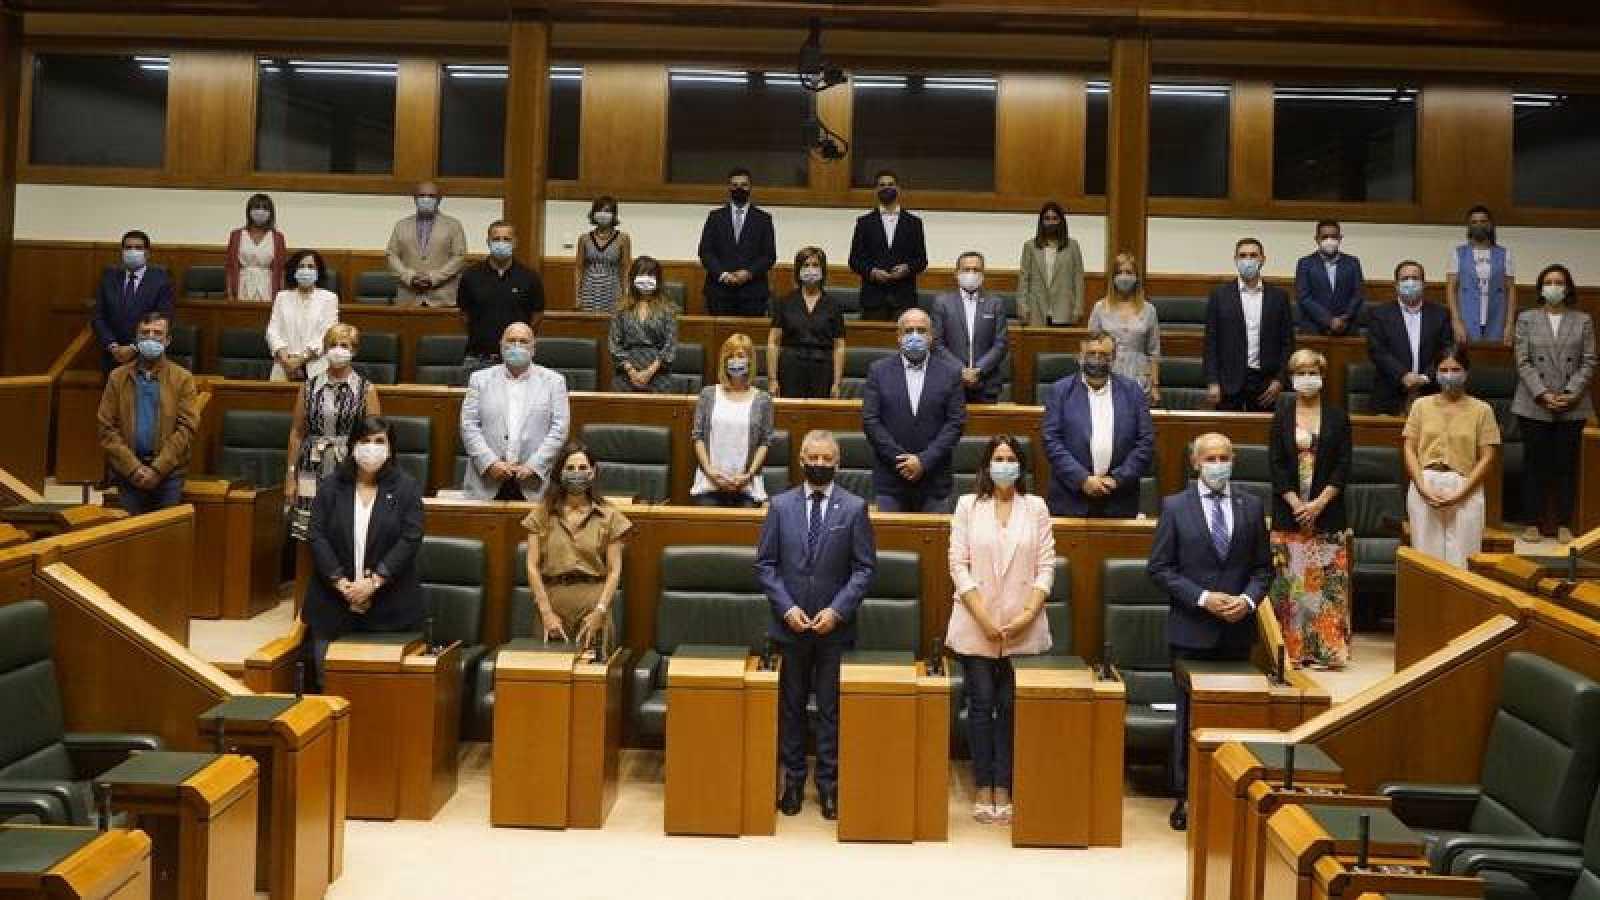 El grupo parlamentario del PNV posa en el salón de plenos a su llegada al Parlamento para acreditarse